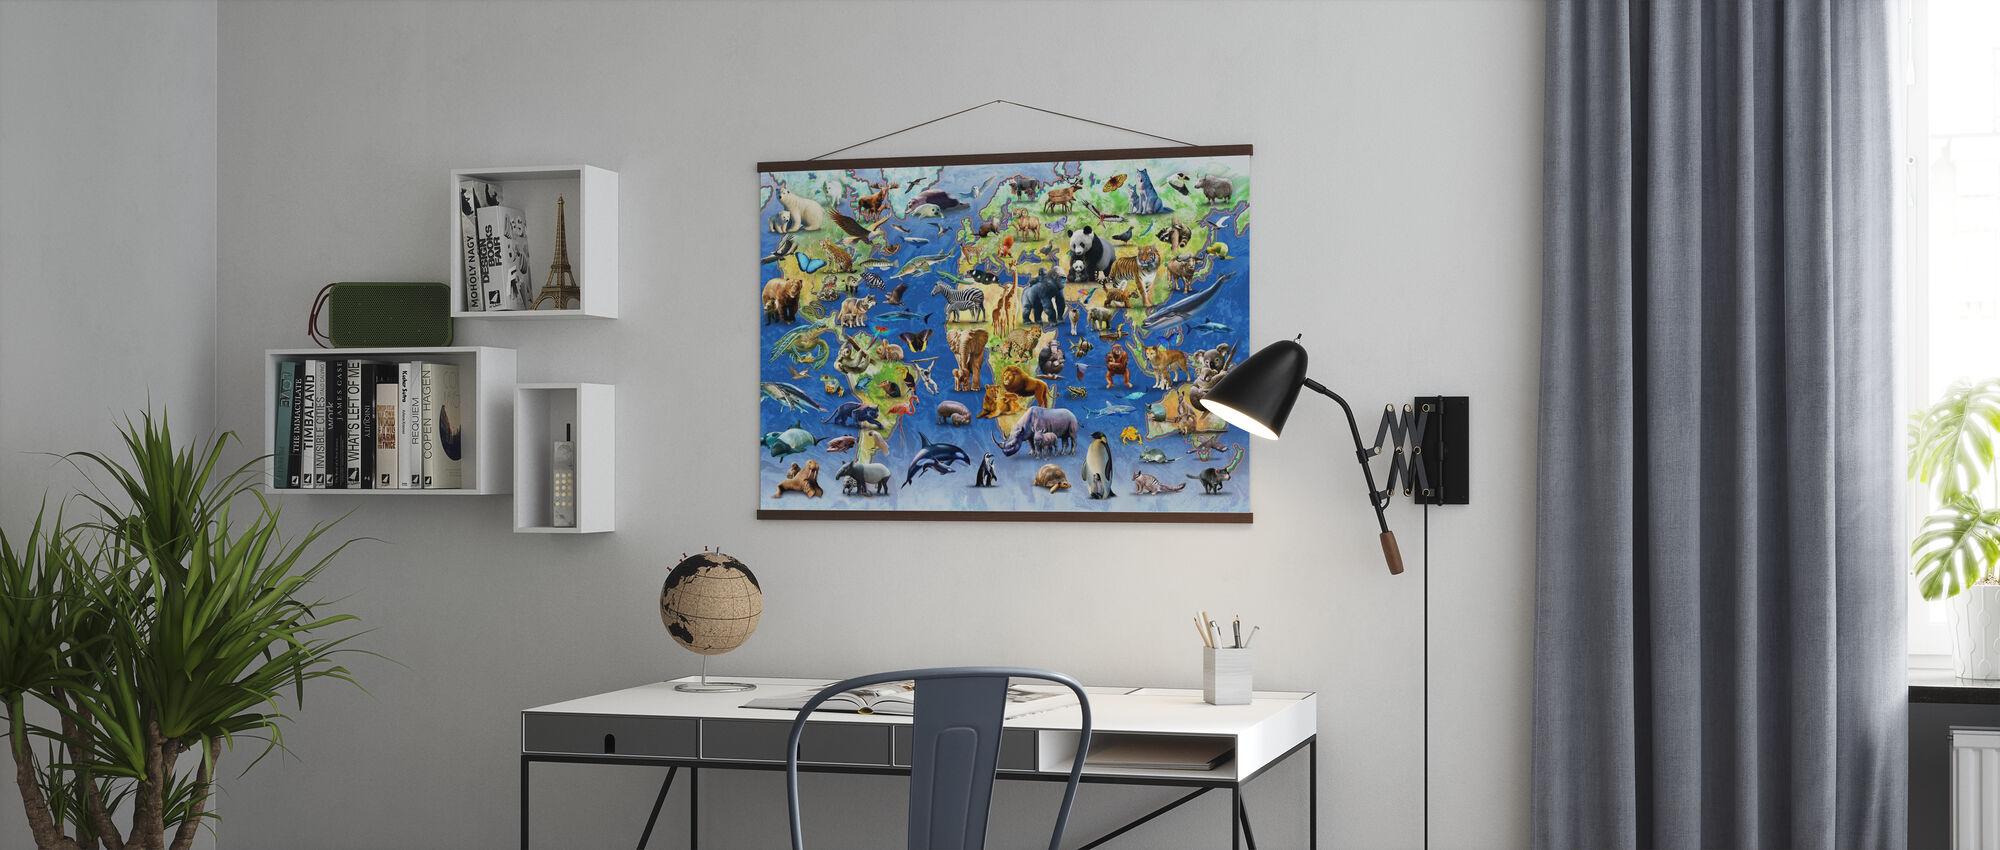 Honderd bedreigde soorten - Poster - Kantoor